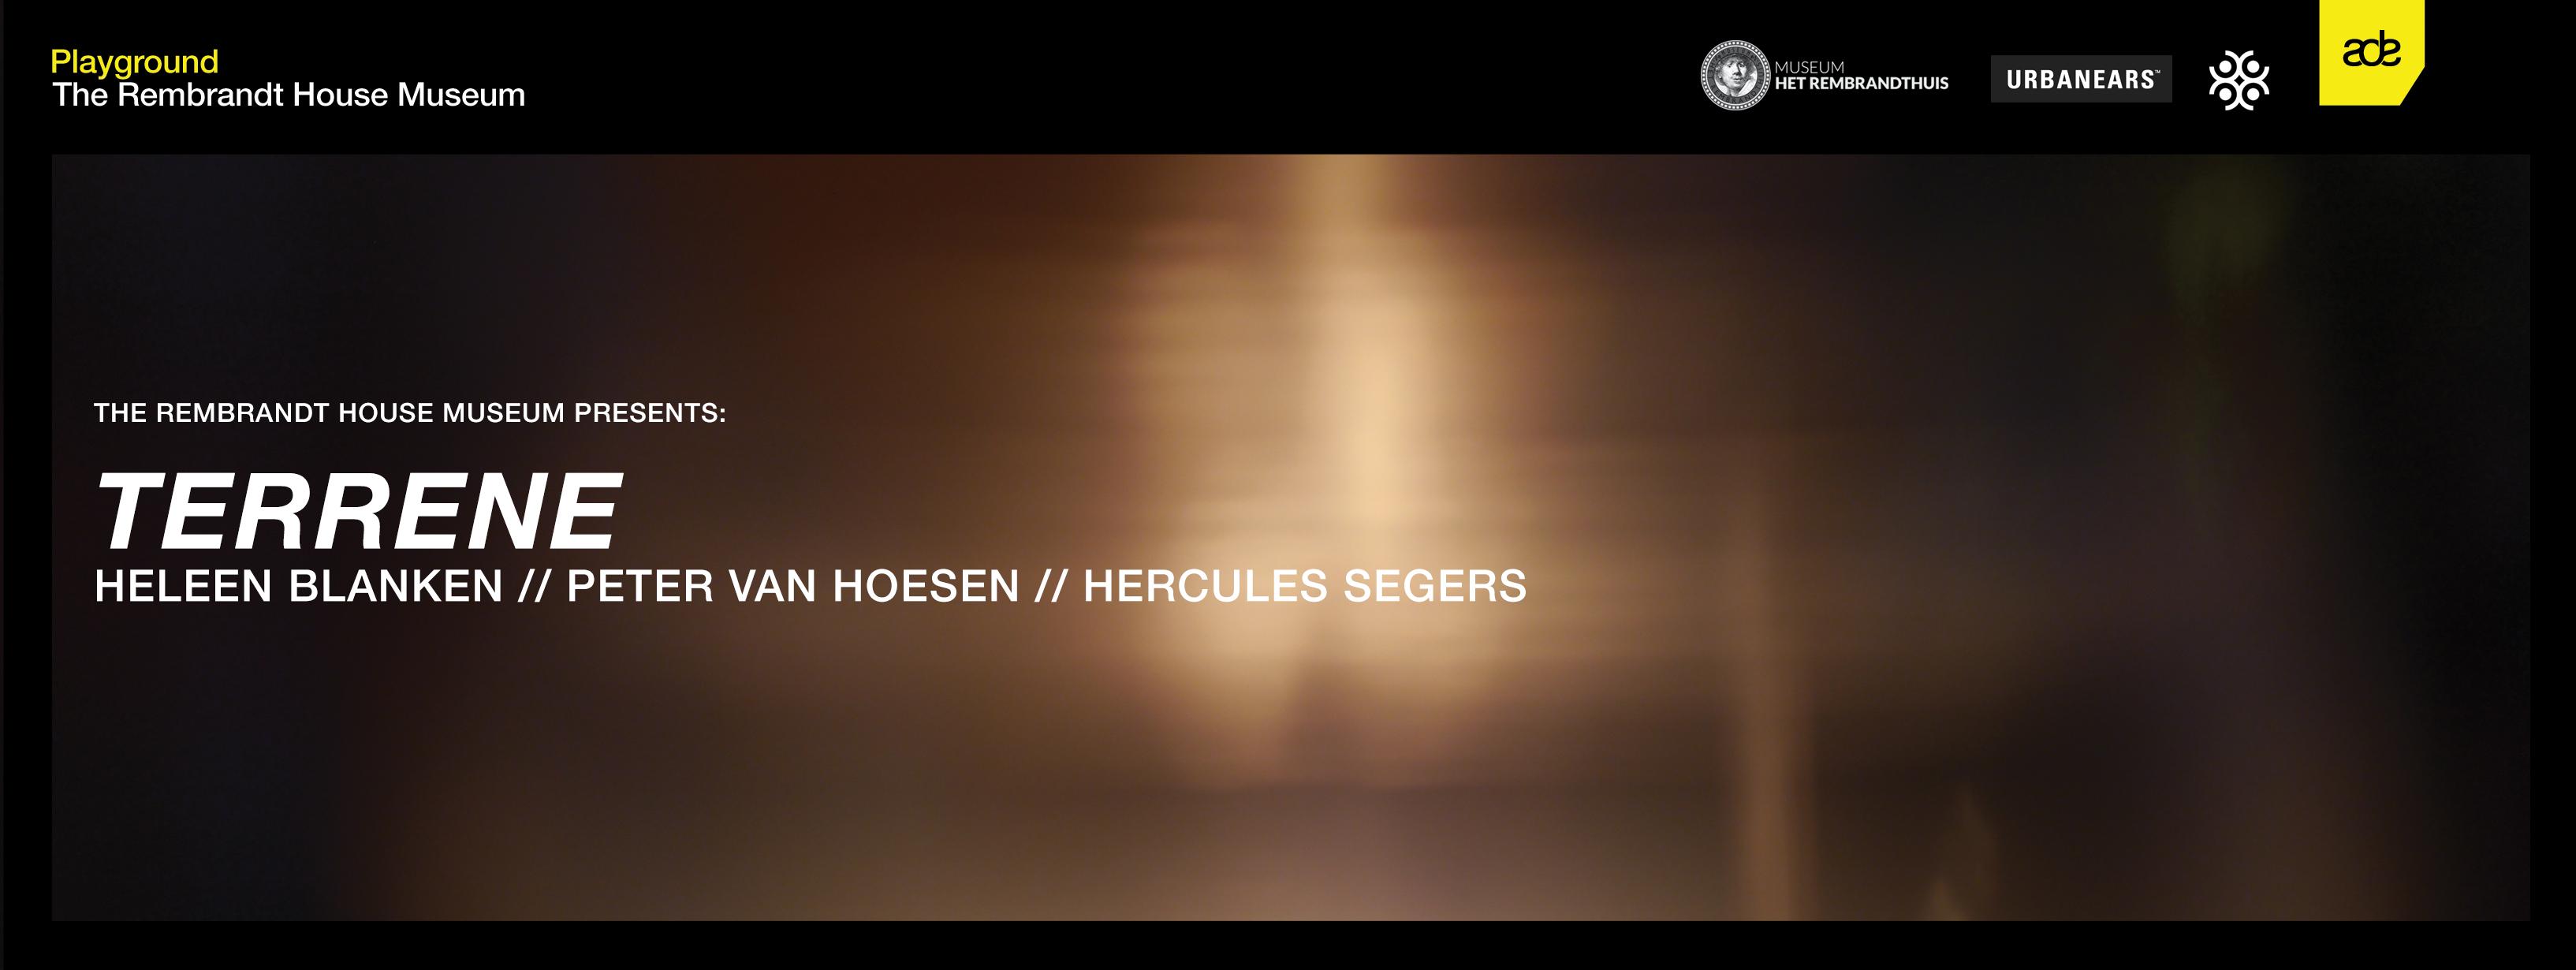 ADE Heleen Blanken Peter Van Hoesen Museum Het Rembrandthuis